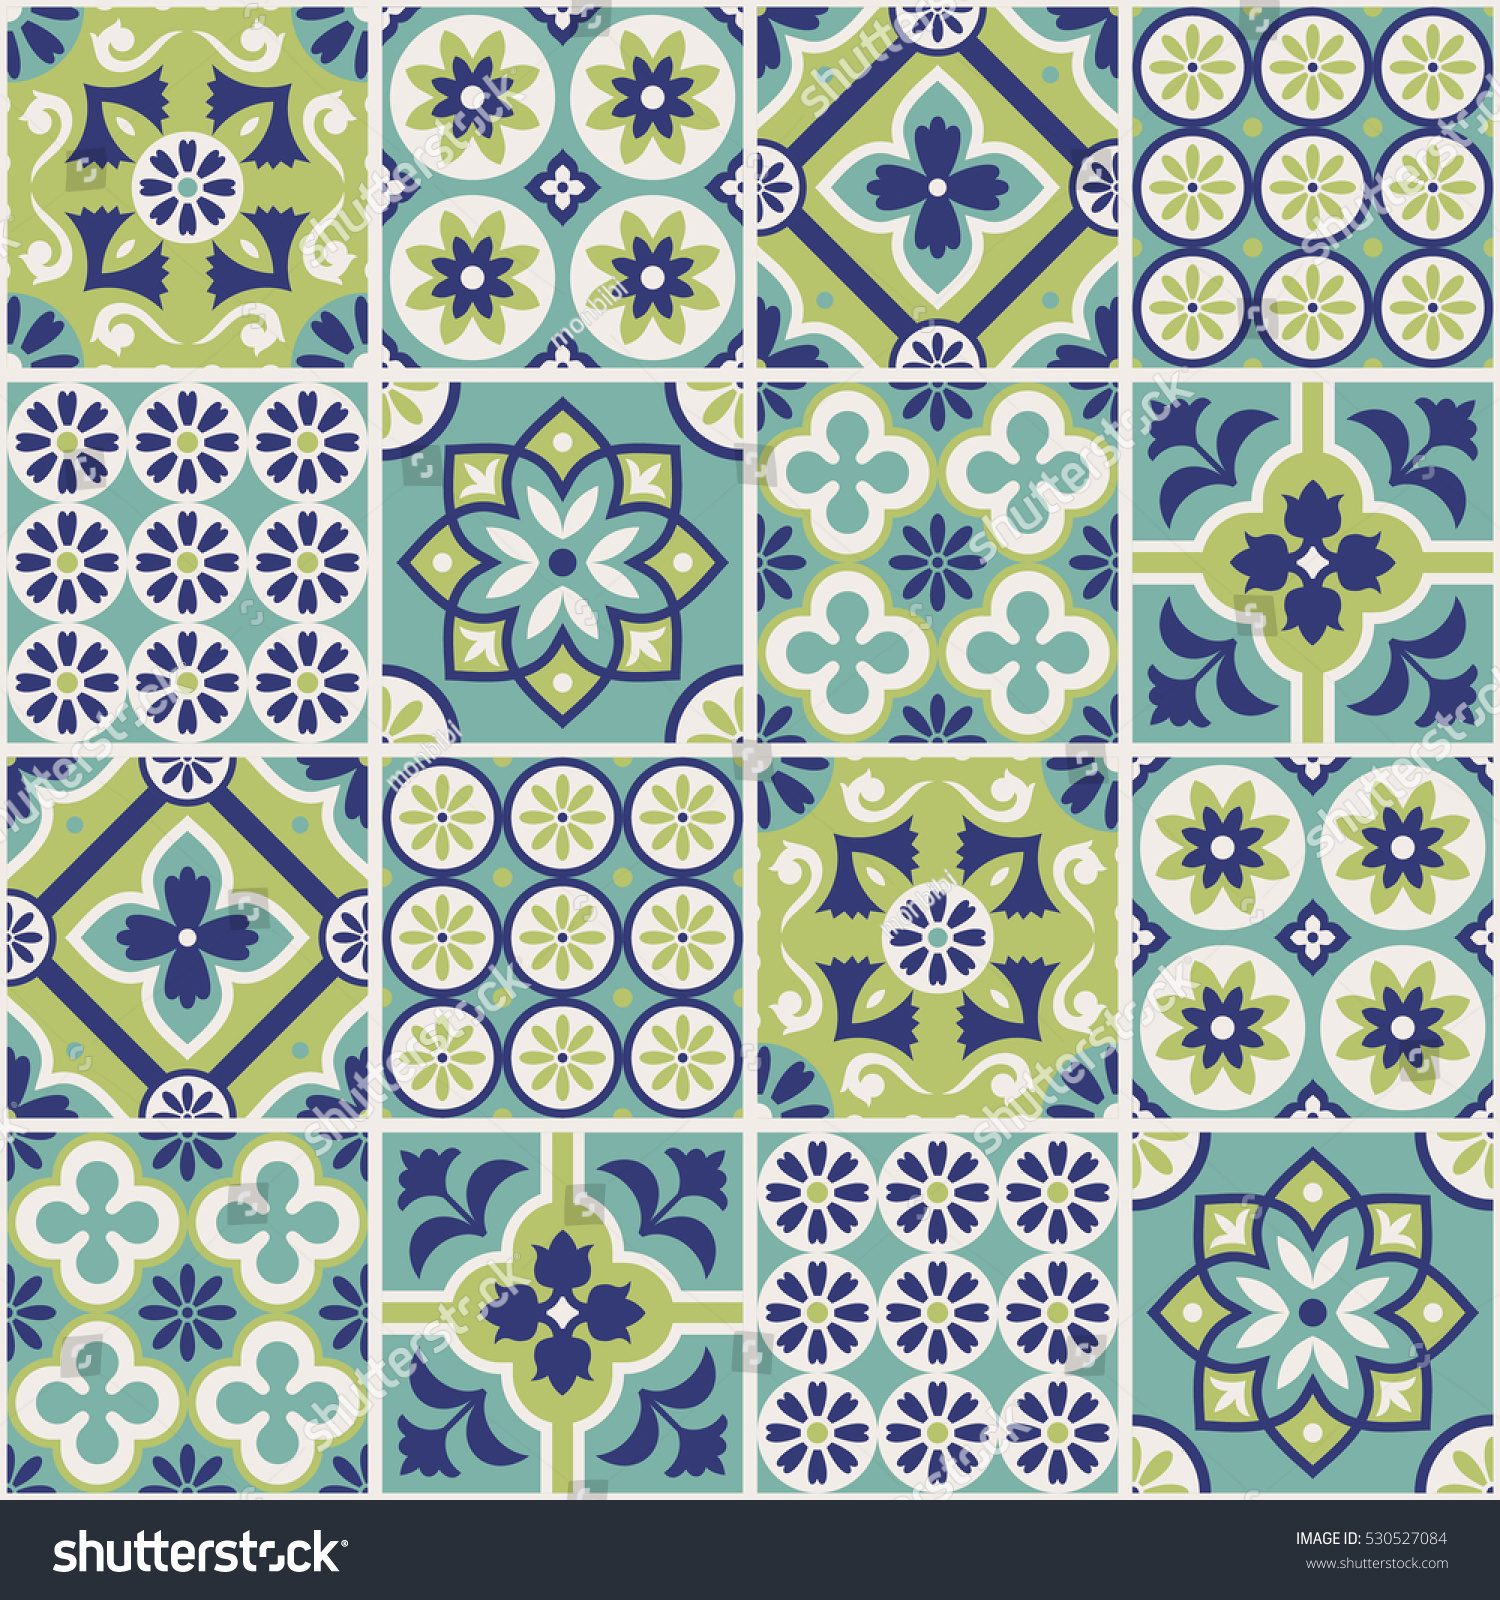 Decorative tile pattern design. Vector illustration. | EZ Canvas